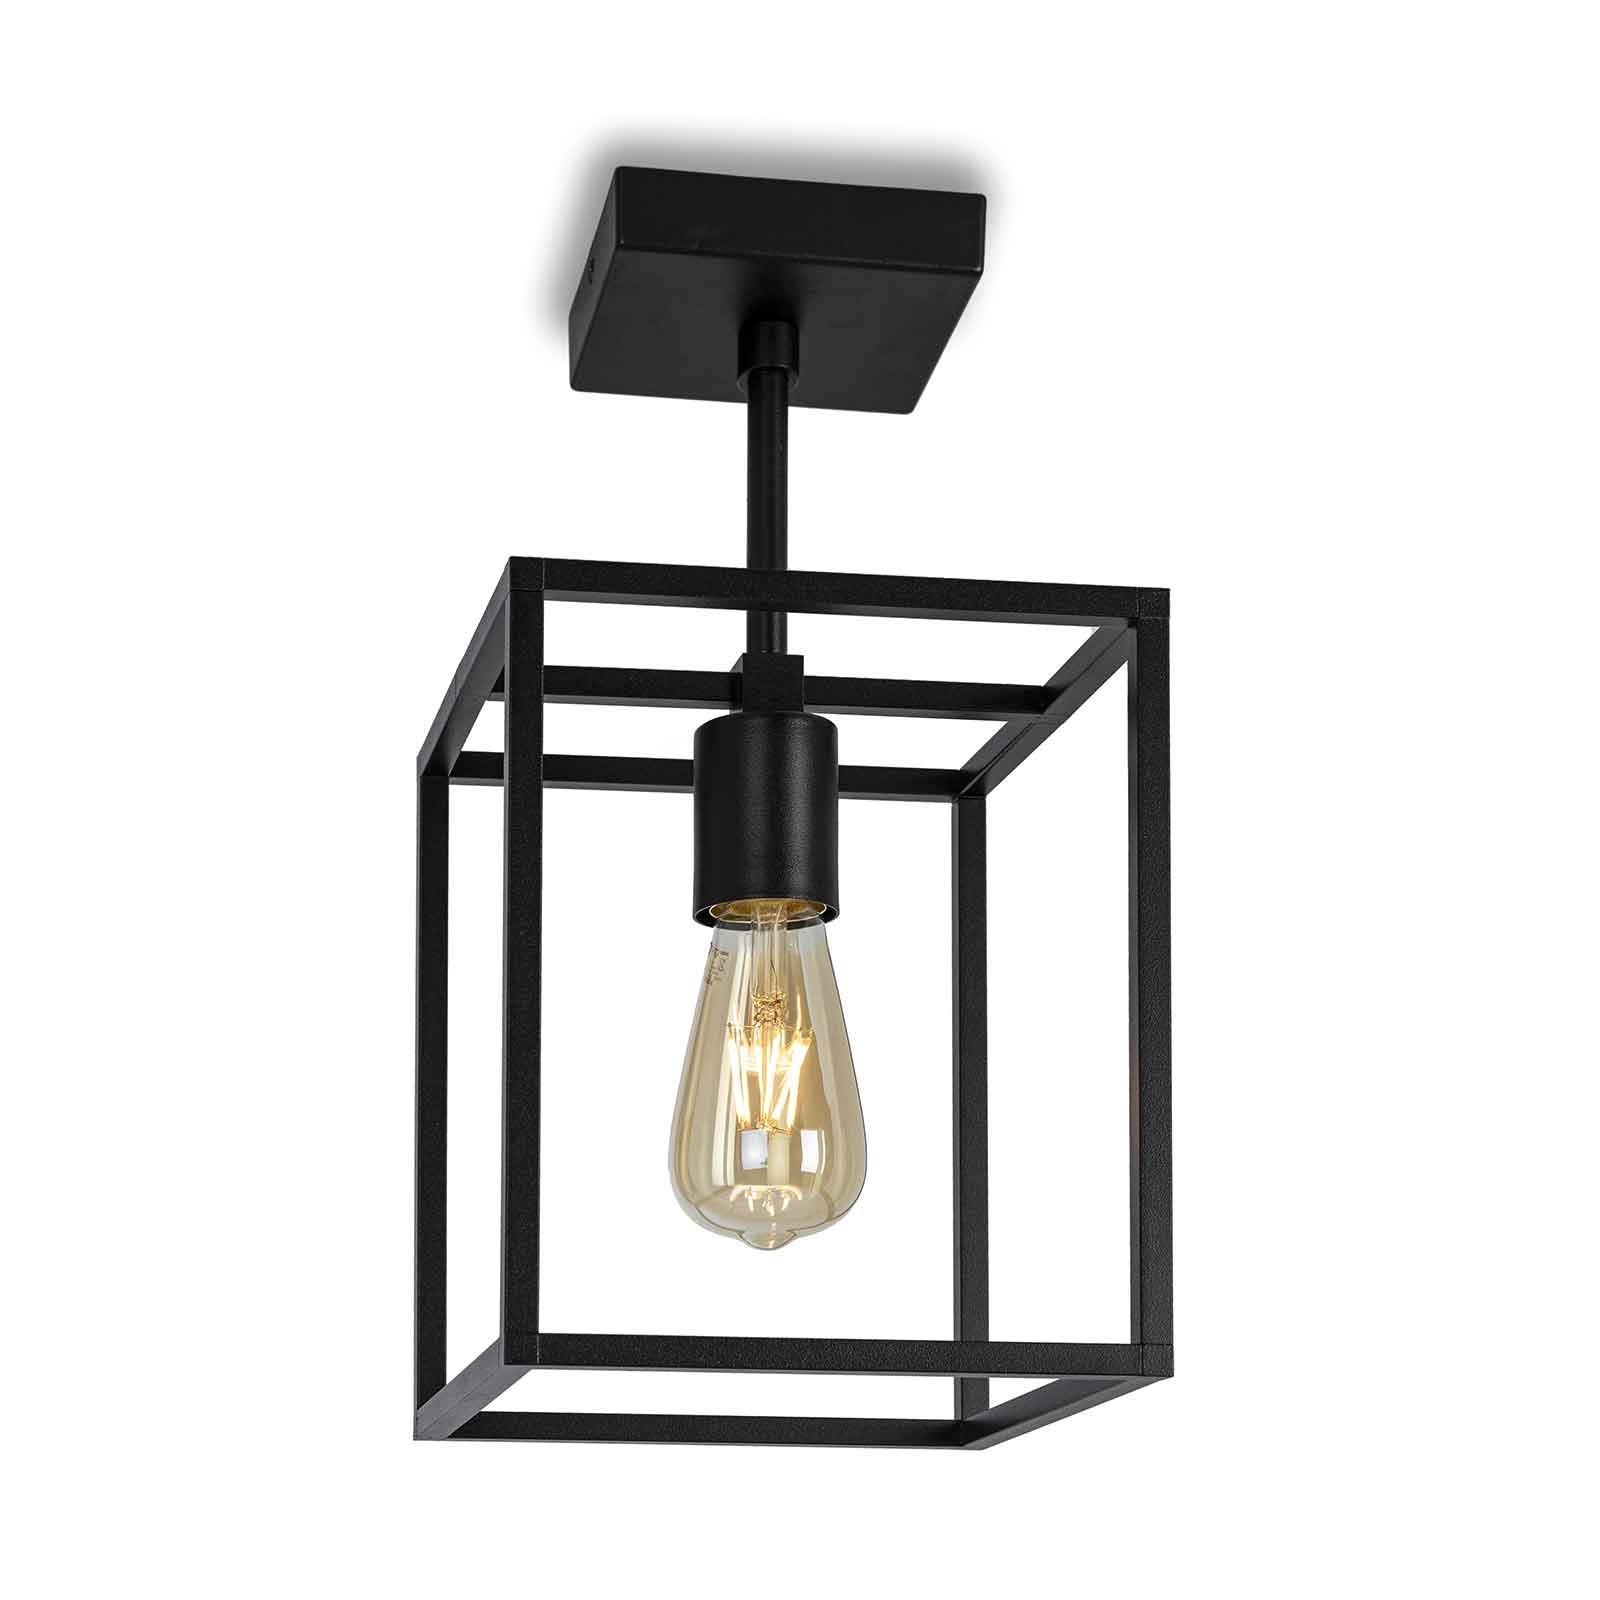 Cubic³ 3394 taklampe, svart